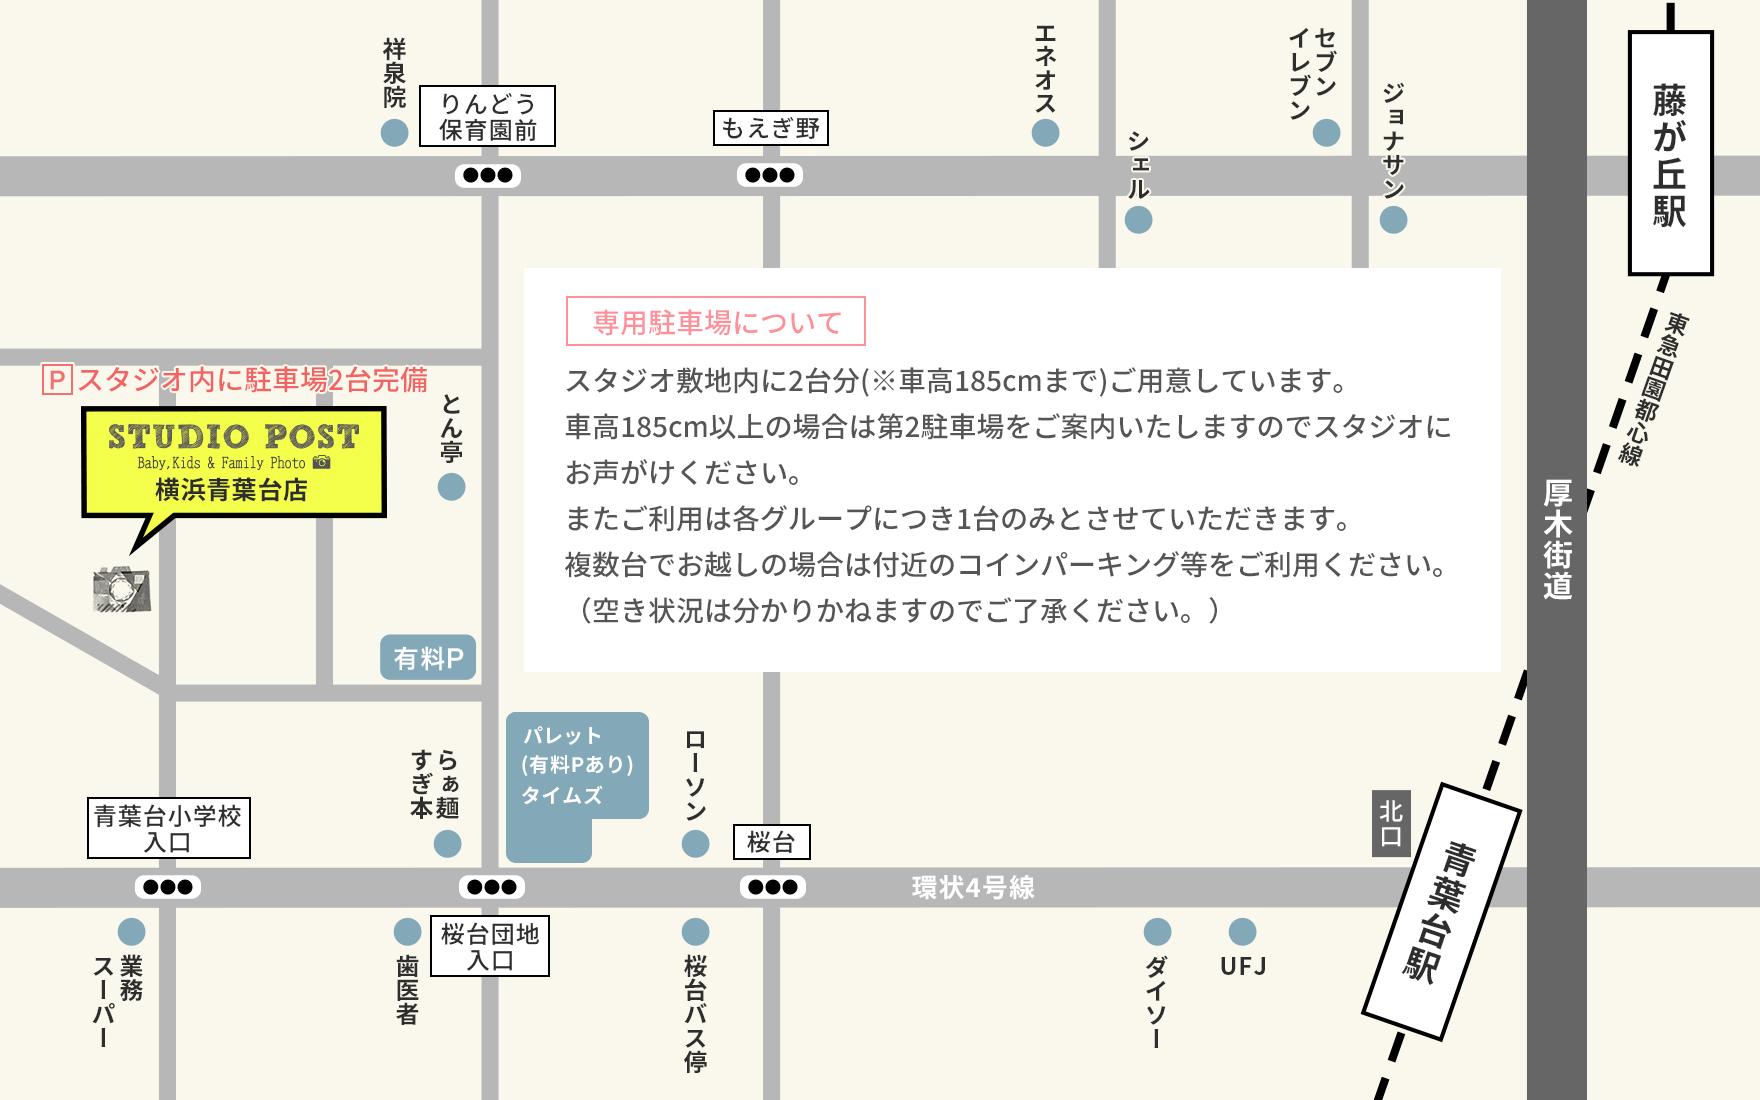 スタジオポスト 横浜青葉台店へのアクセス